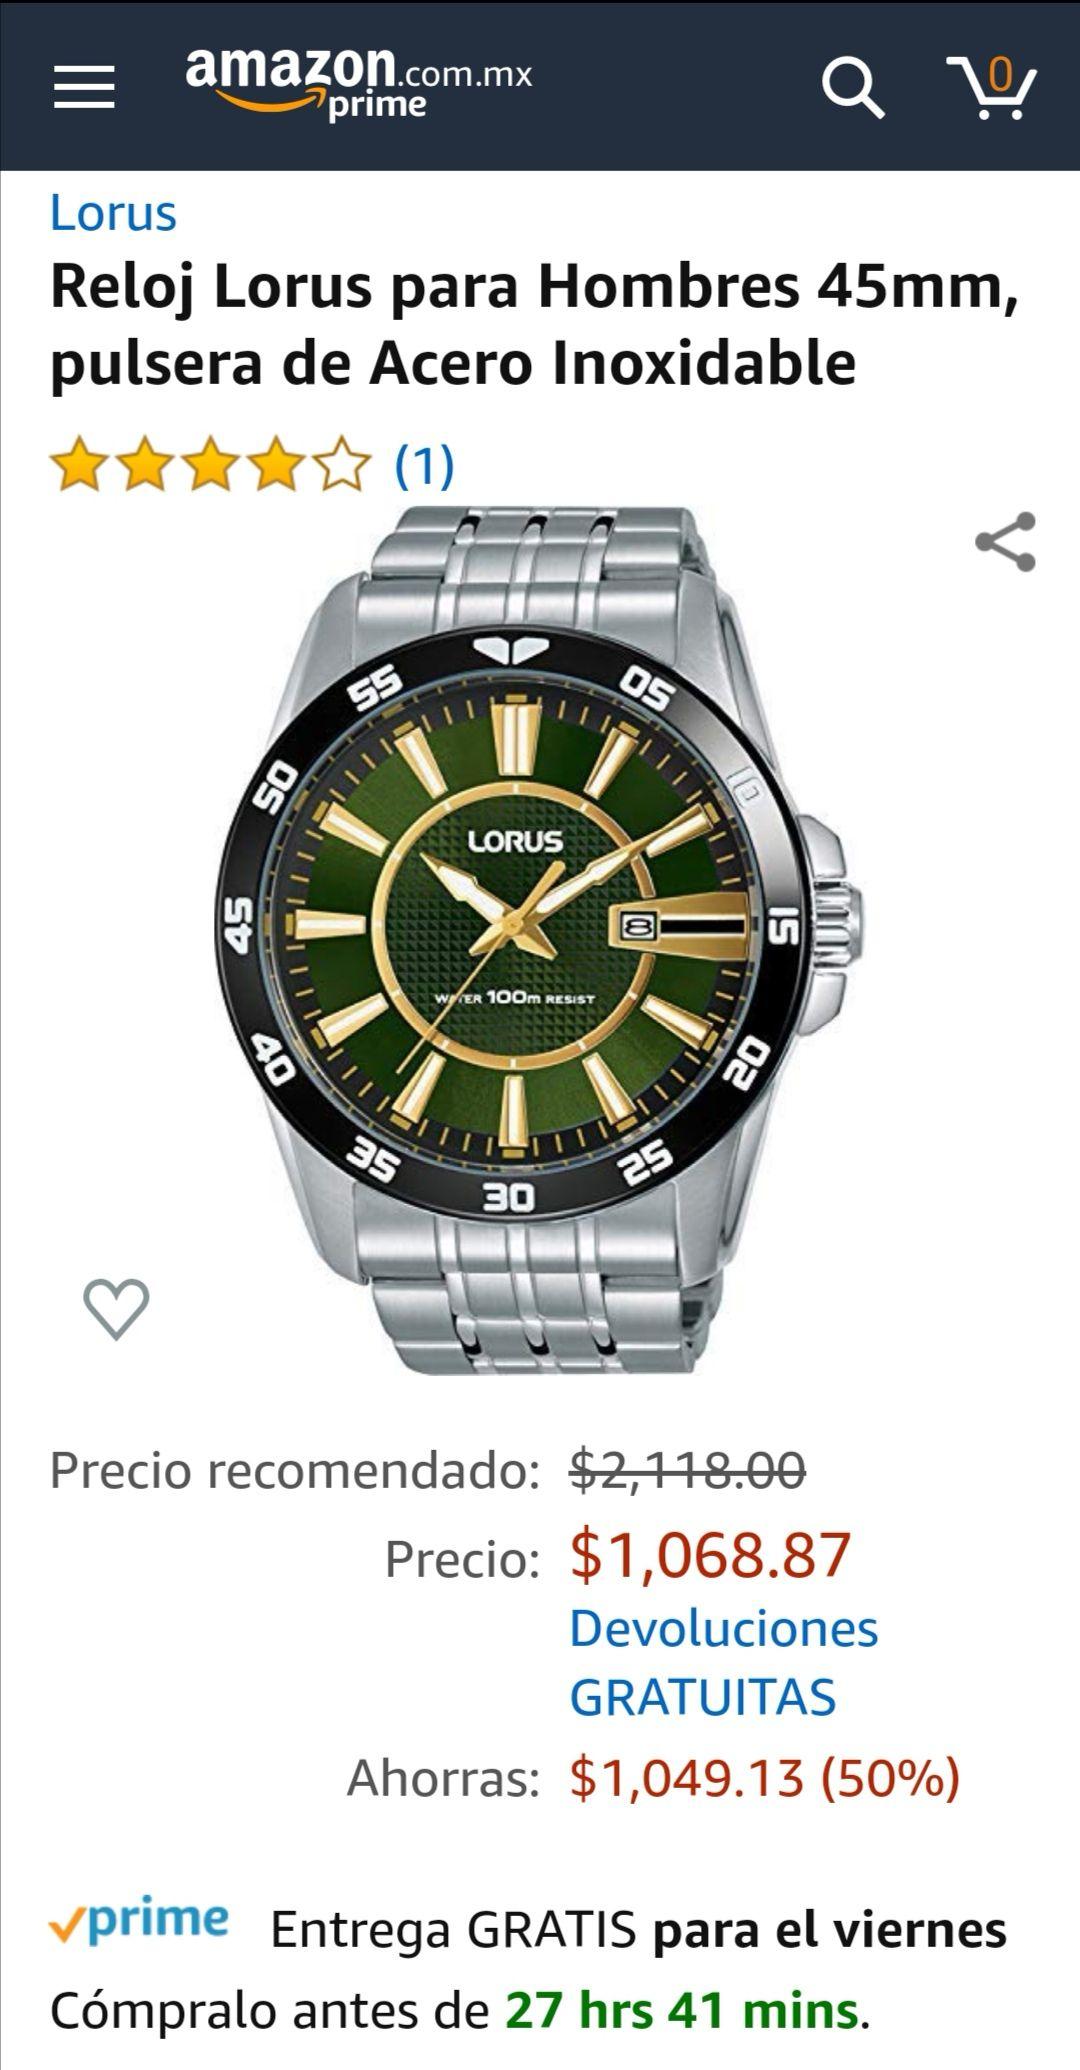 Amazon Reloj Lorus para Hombres 45mm, pulsera de Acero Inoxidable